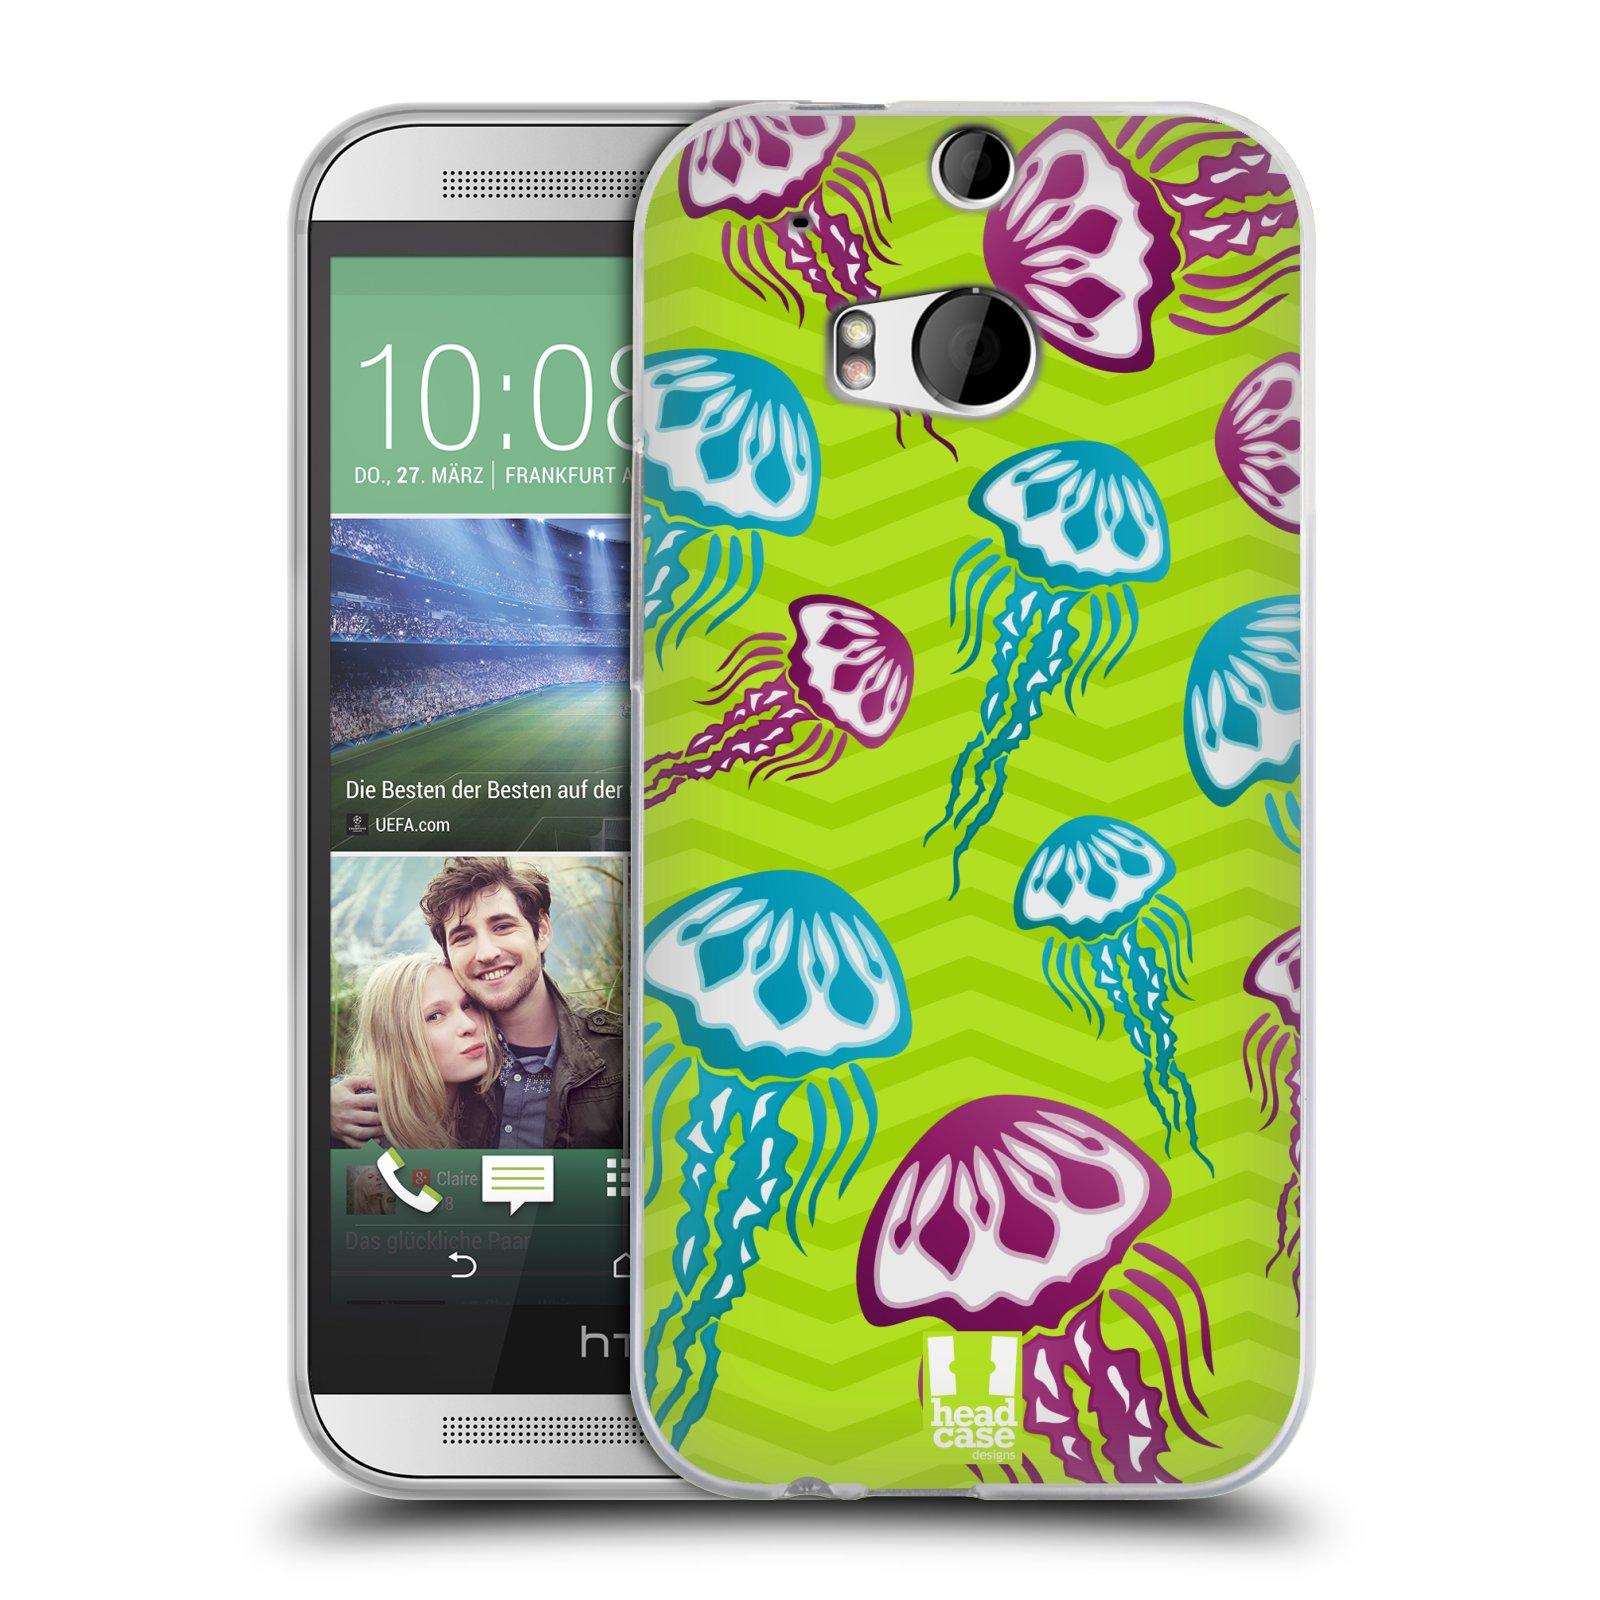 HEAD CASE silikonový obal na mobil HTC ONE (M8) vzor mořský živočich medůza